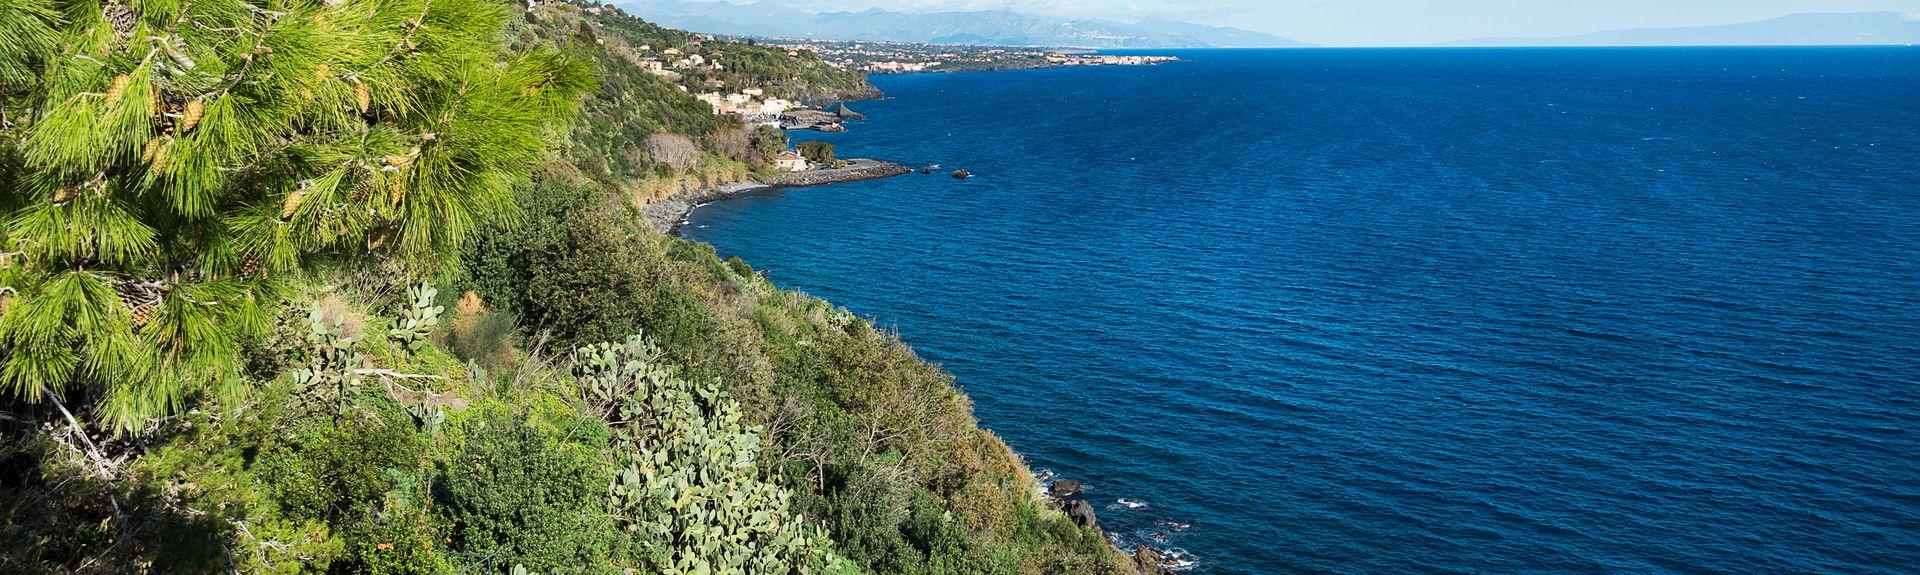 Mascali, Sicilia, Italia